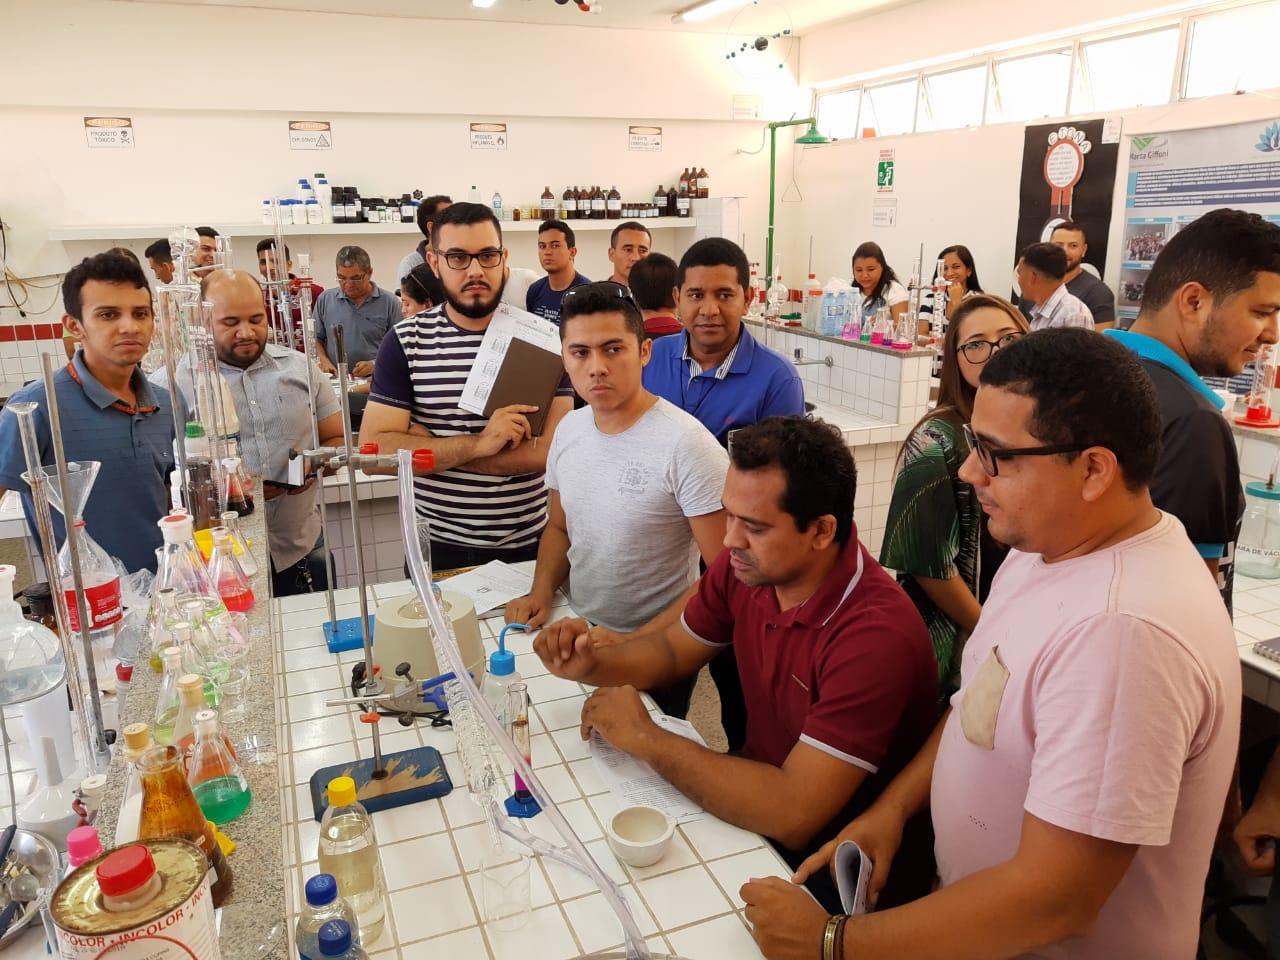 LabCED Itinerante,  criativade e cooperação nos laboratórios de Ciências e Matemática das escolas estaduais